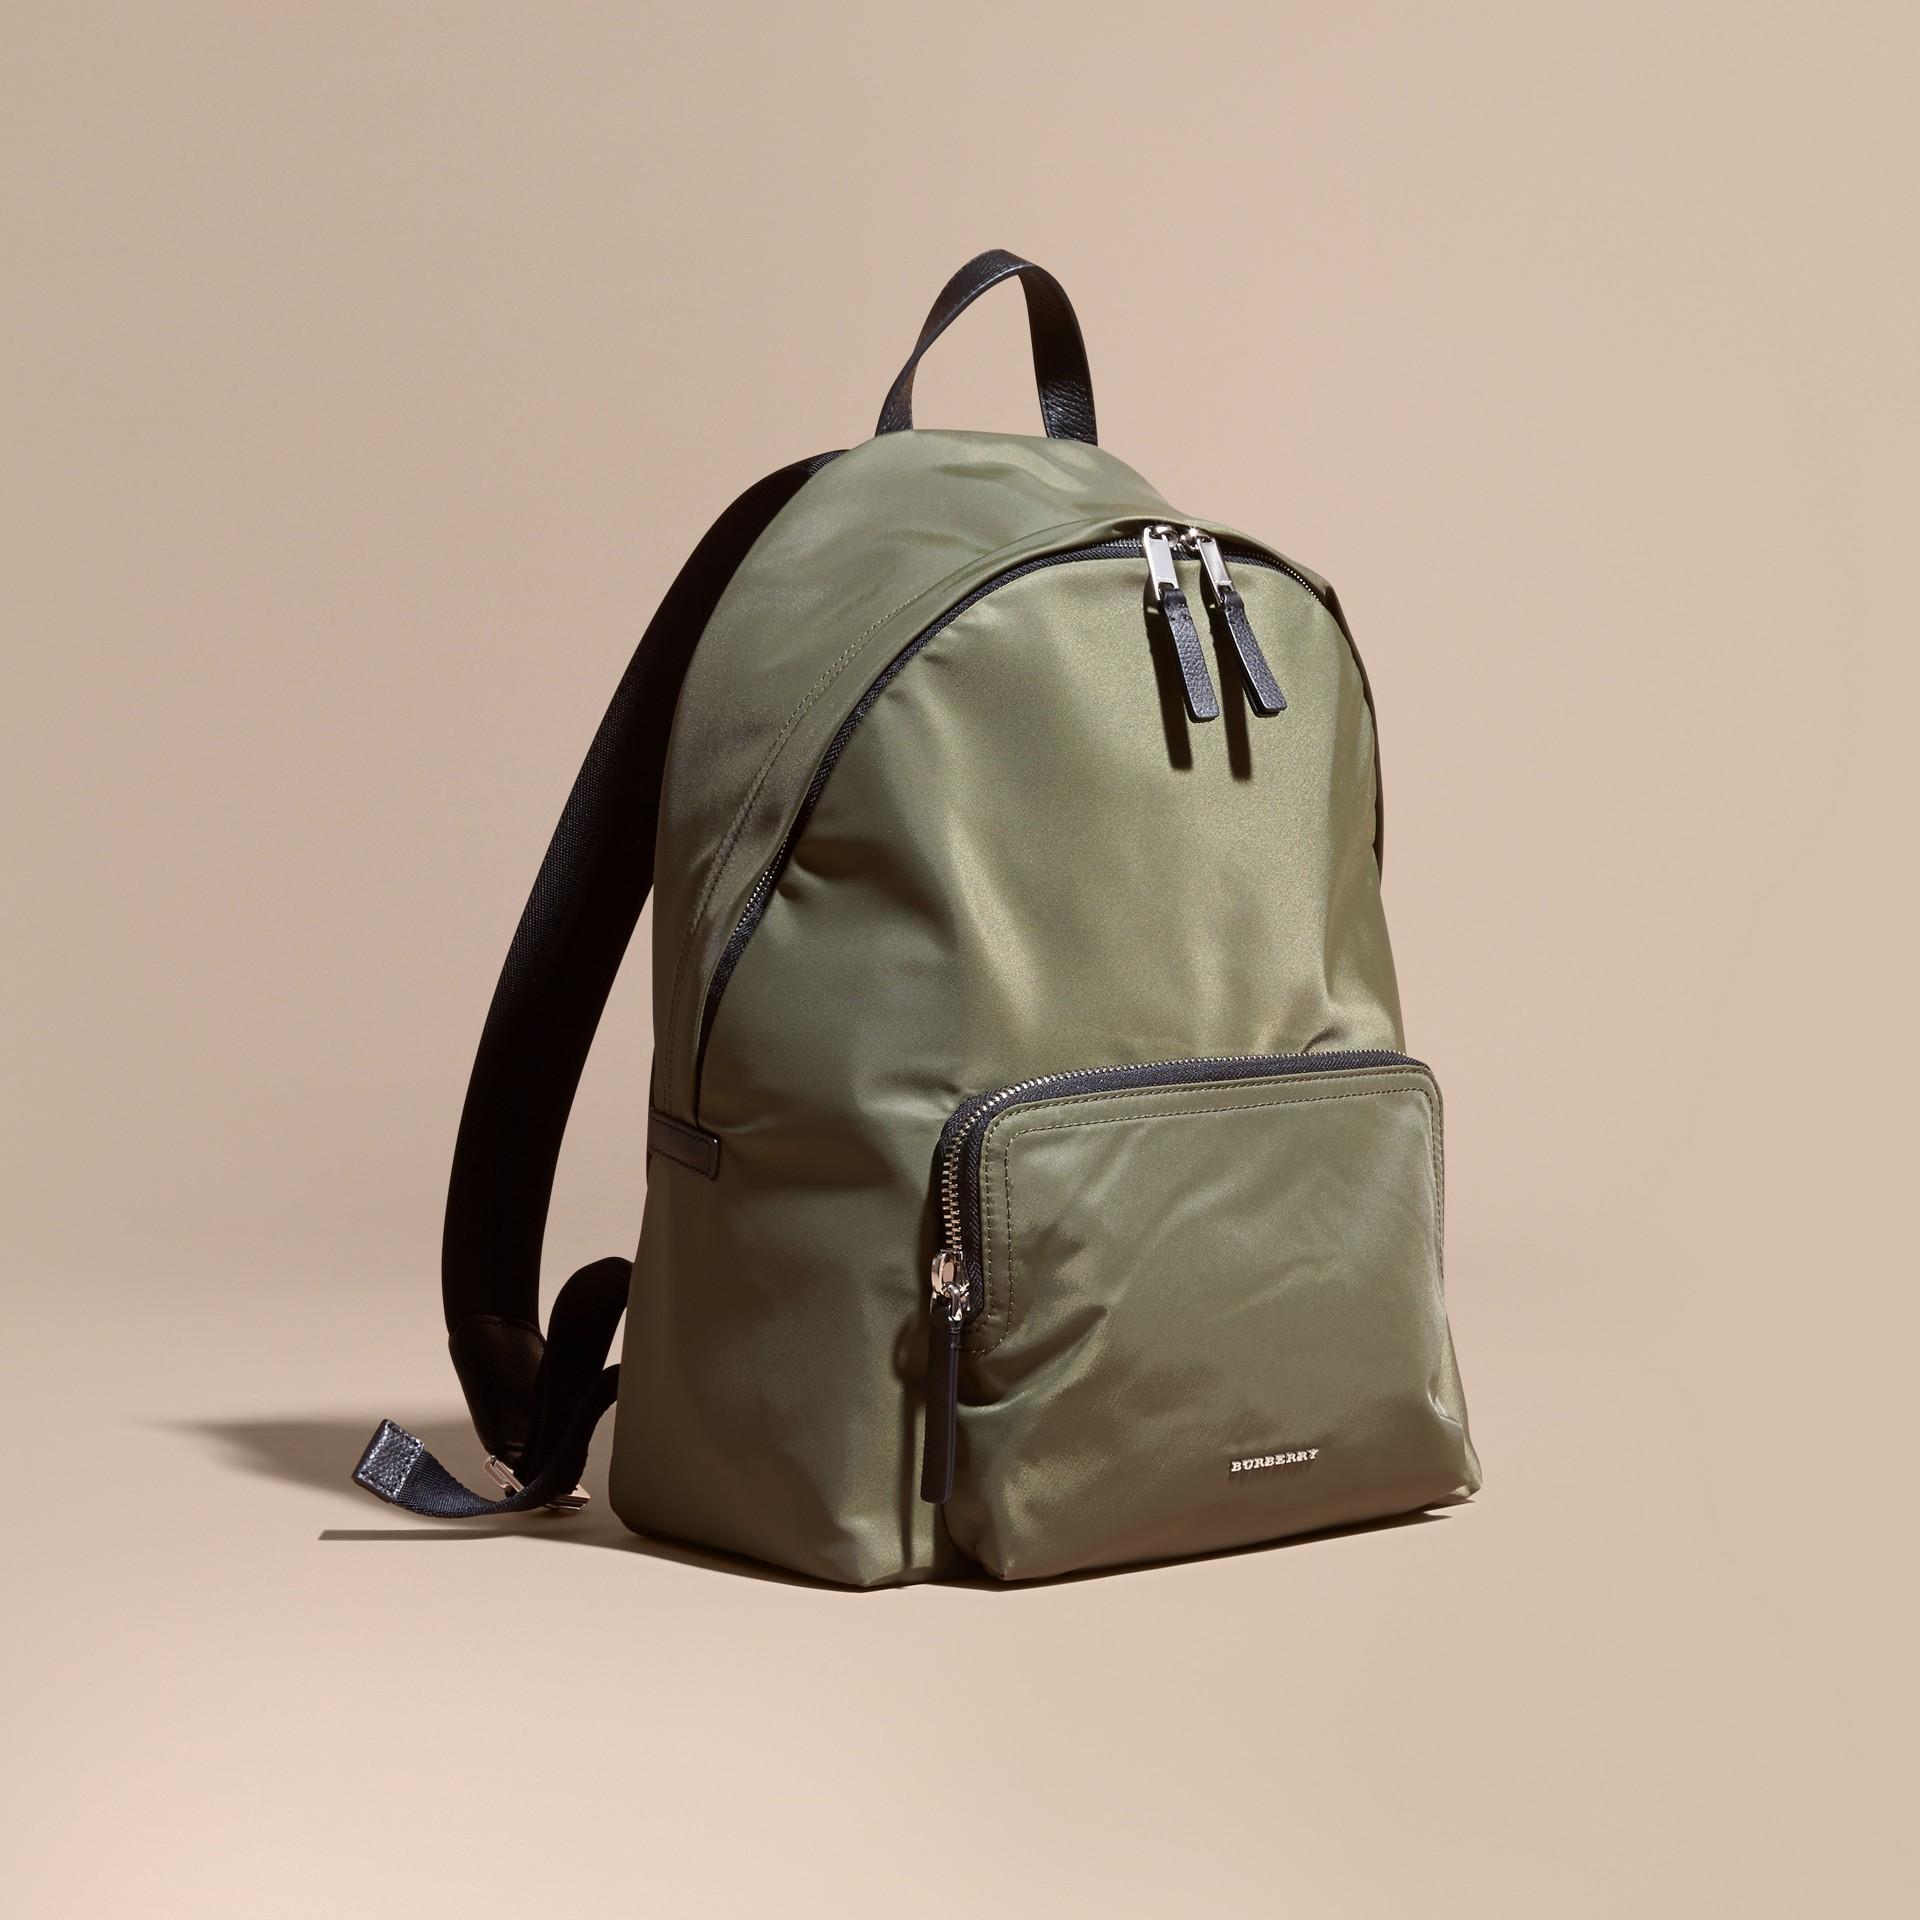 Verde tela Zaino in nylon con finiture in pelle Verde Tela - immagine della galleria 1